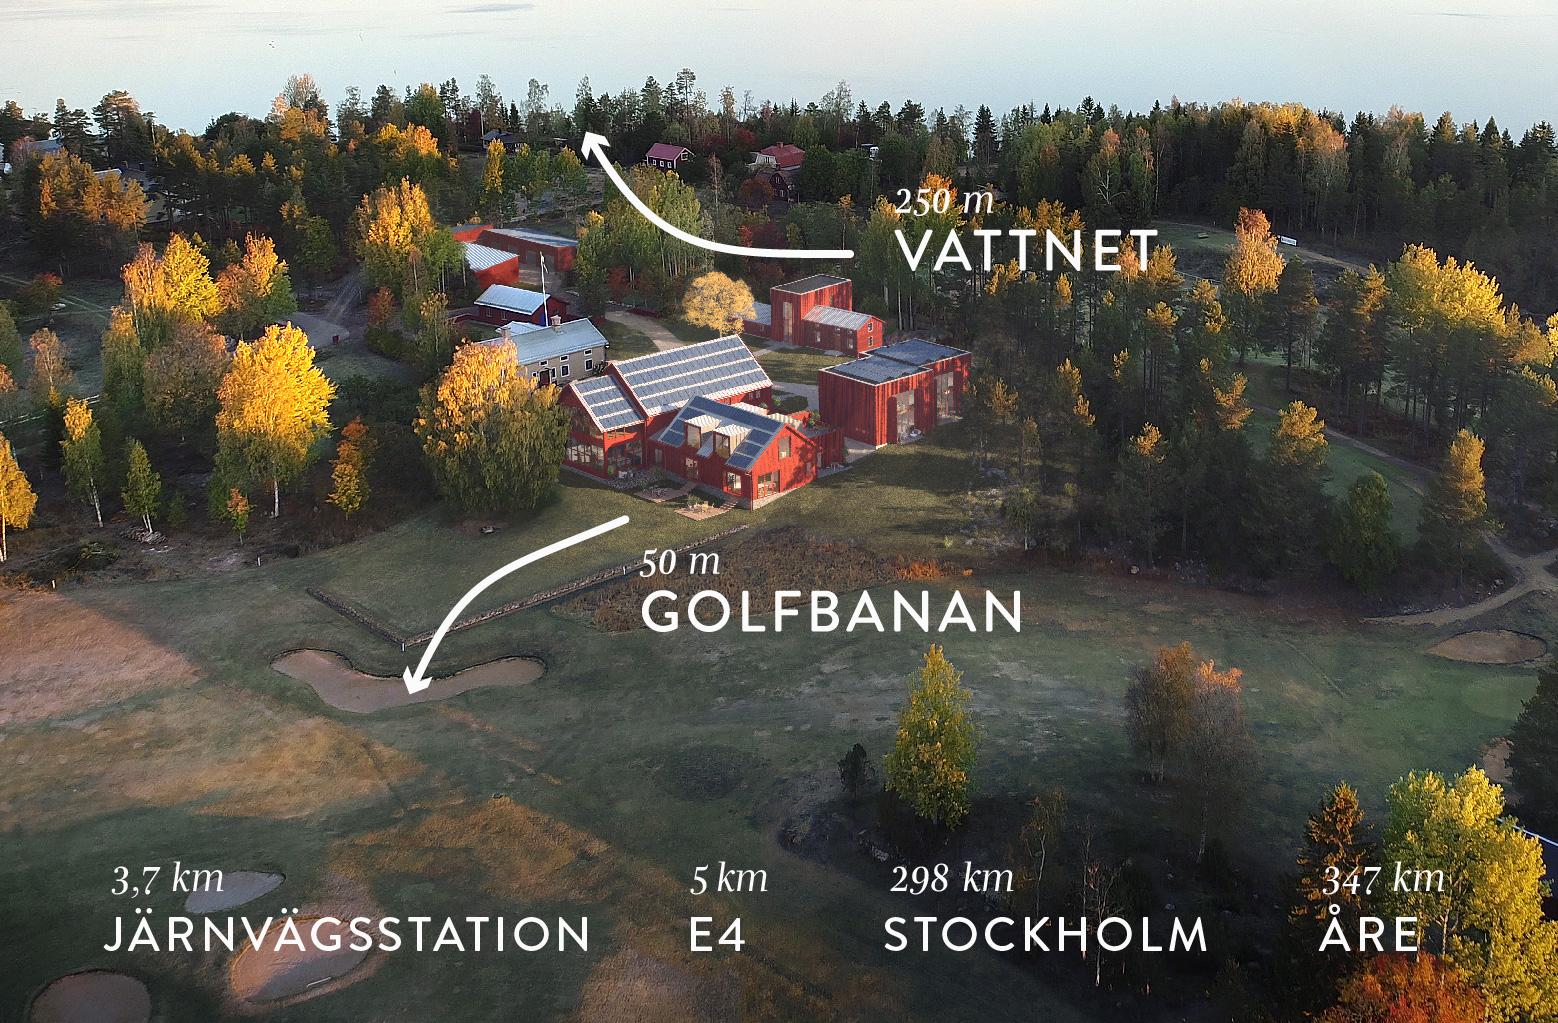 Stenberg-omradet-karta-4.jpg